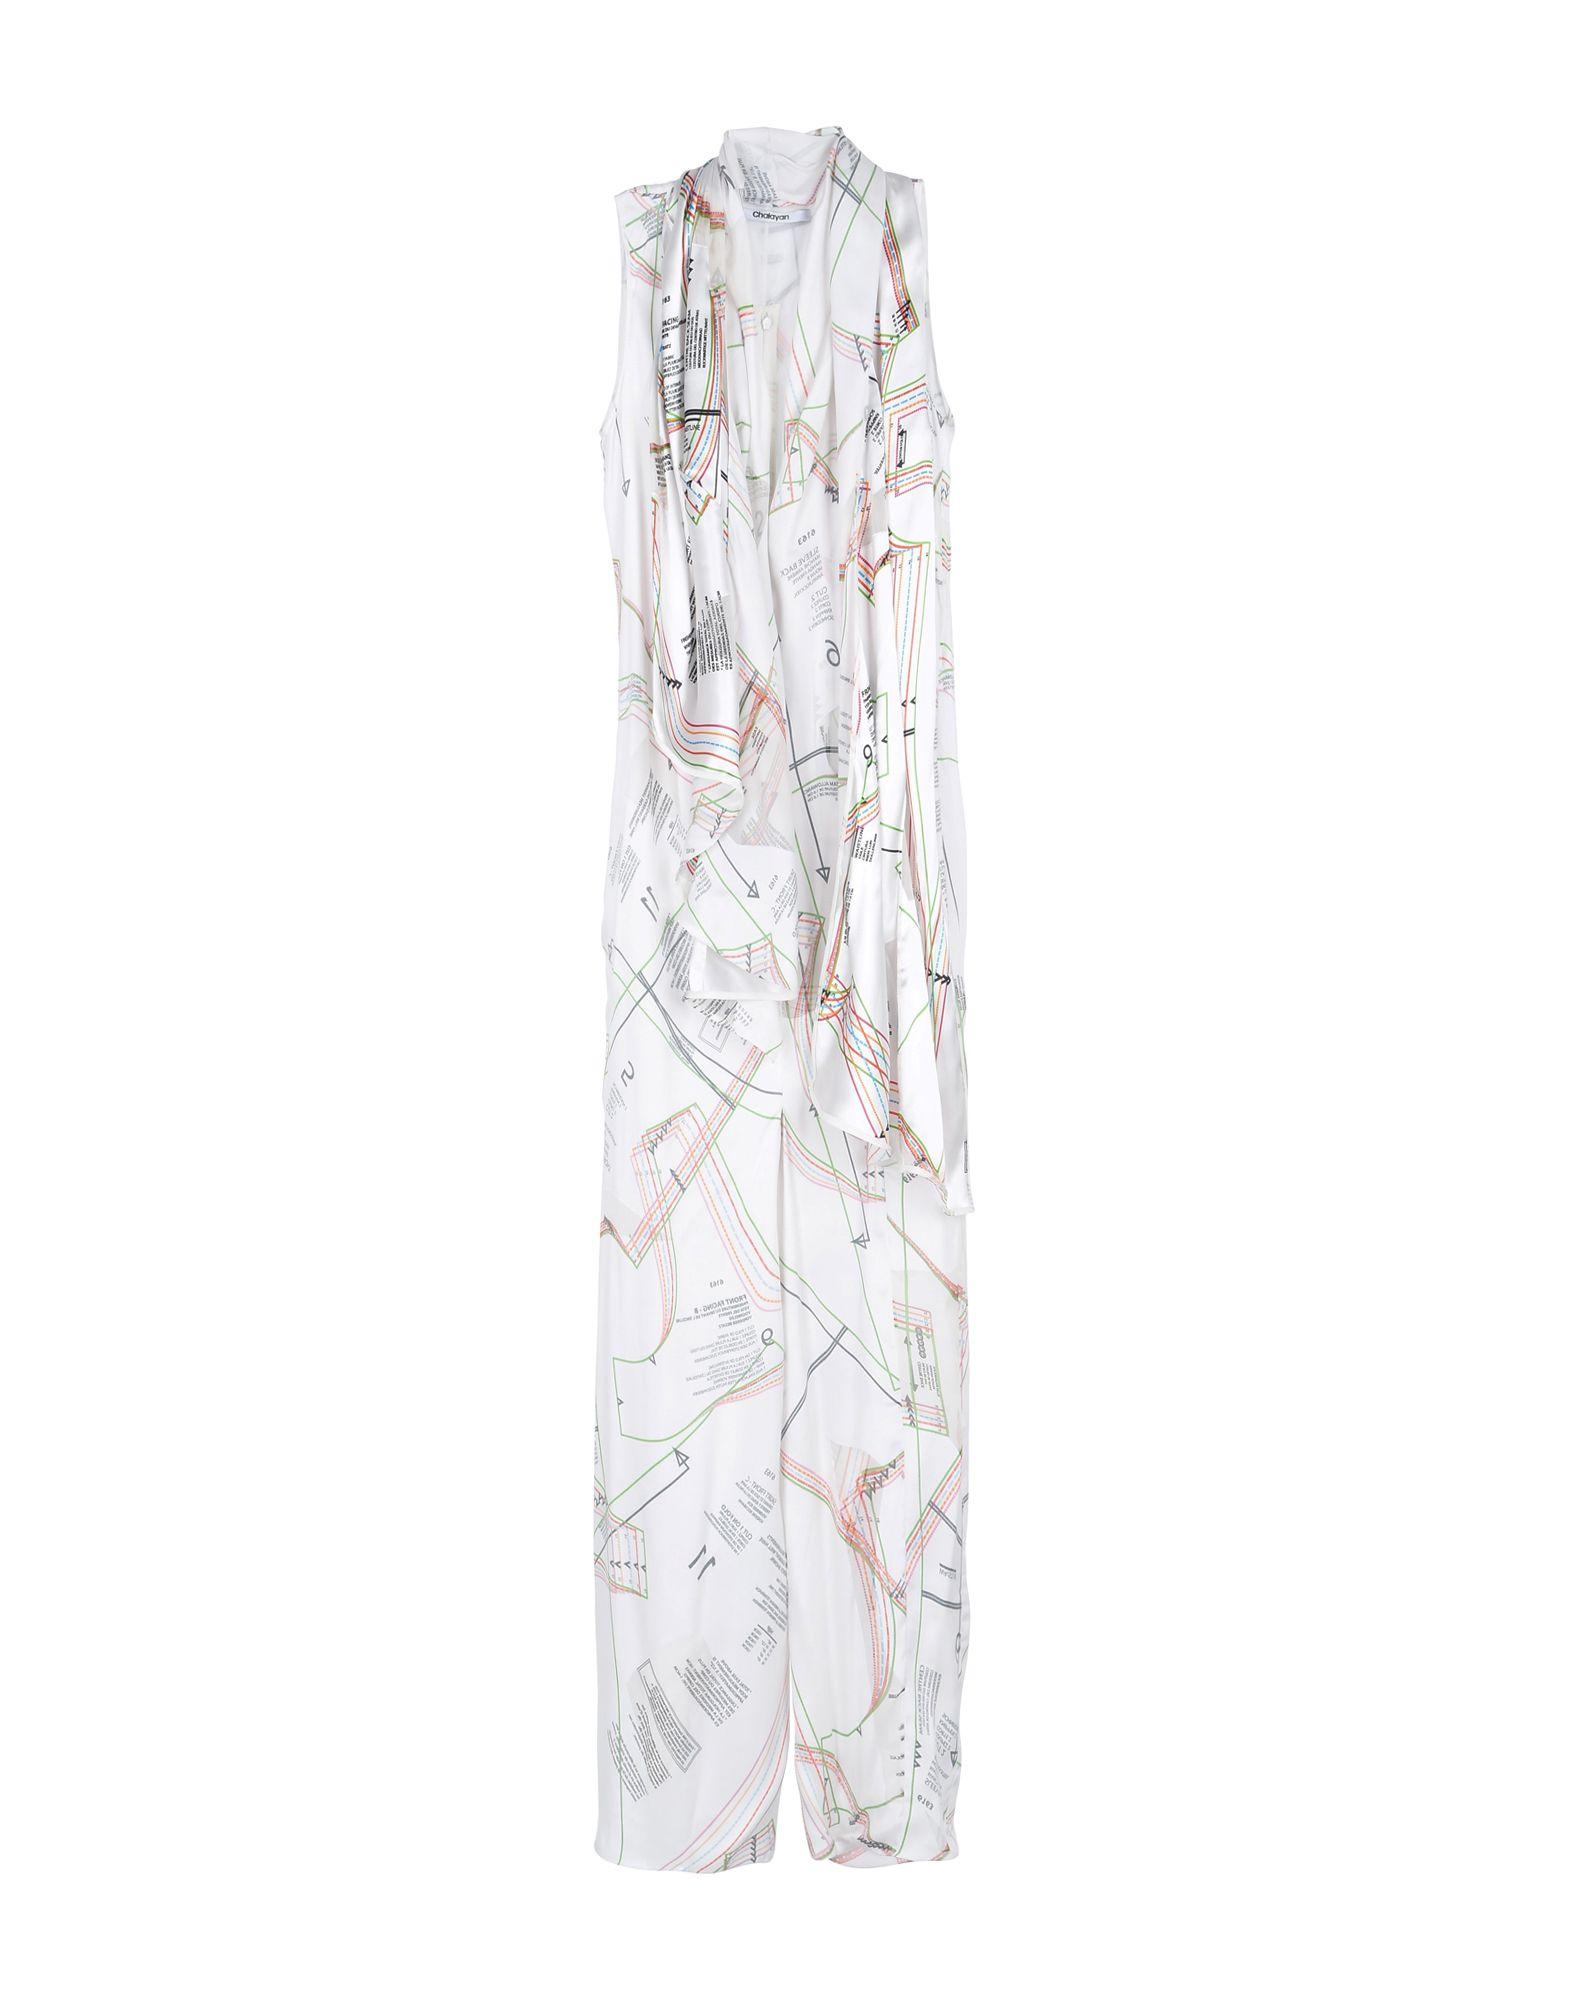 CHALAYAN Длинное платье платье короткое спереди длинное сзади летнее